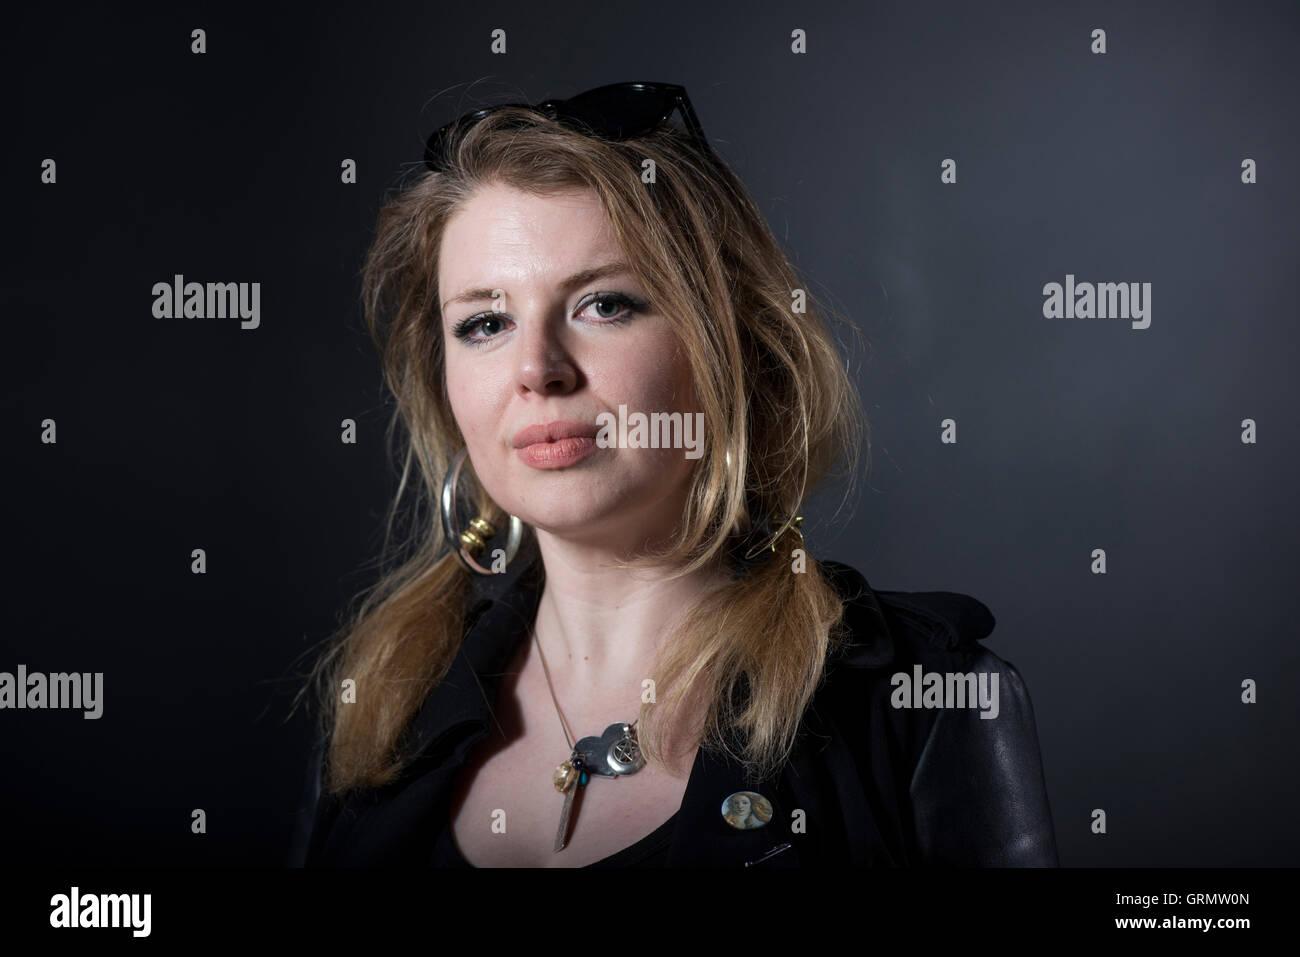 L'écrivain musique Zoe Howe. Banque D'Images